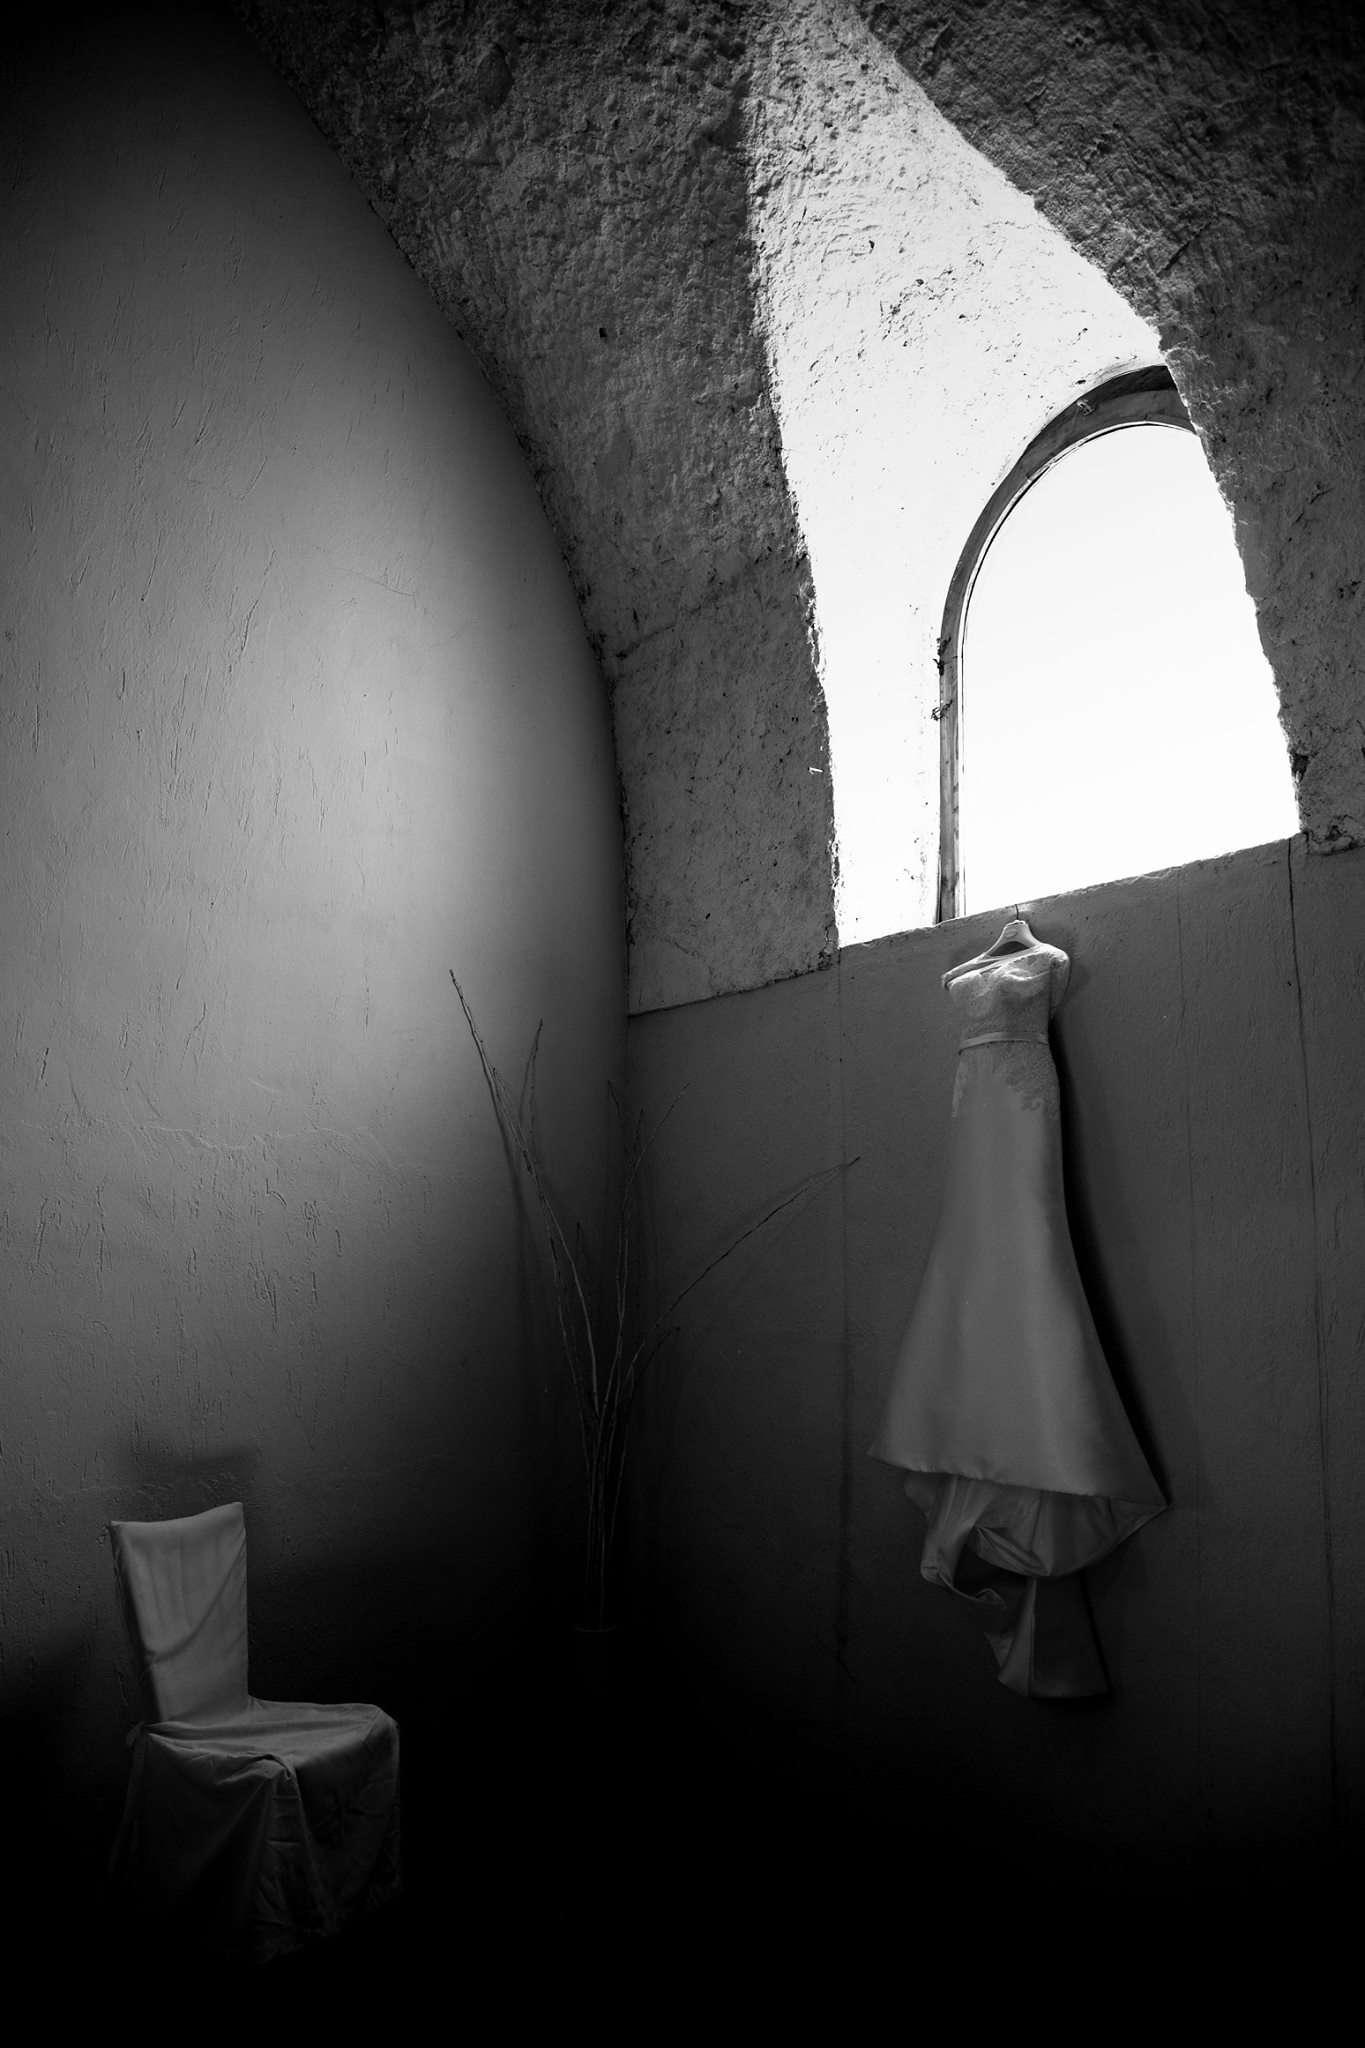 fotografia abito sposa wedding photography realizzata da Barbara Trincone fotografa con studio a Pozzuoli - Napoli